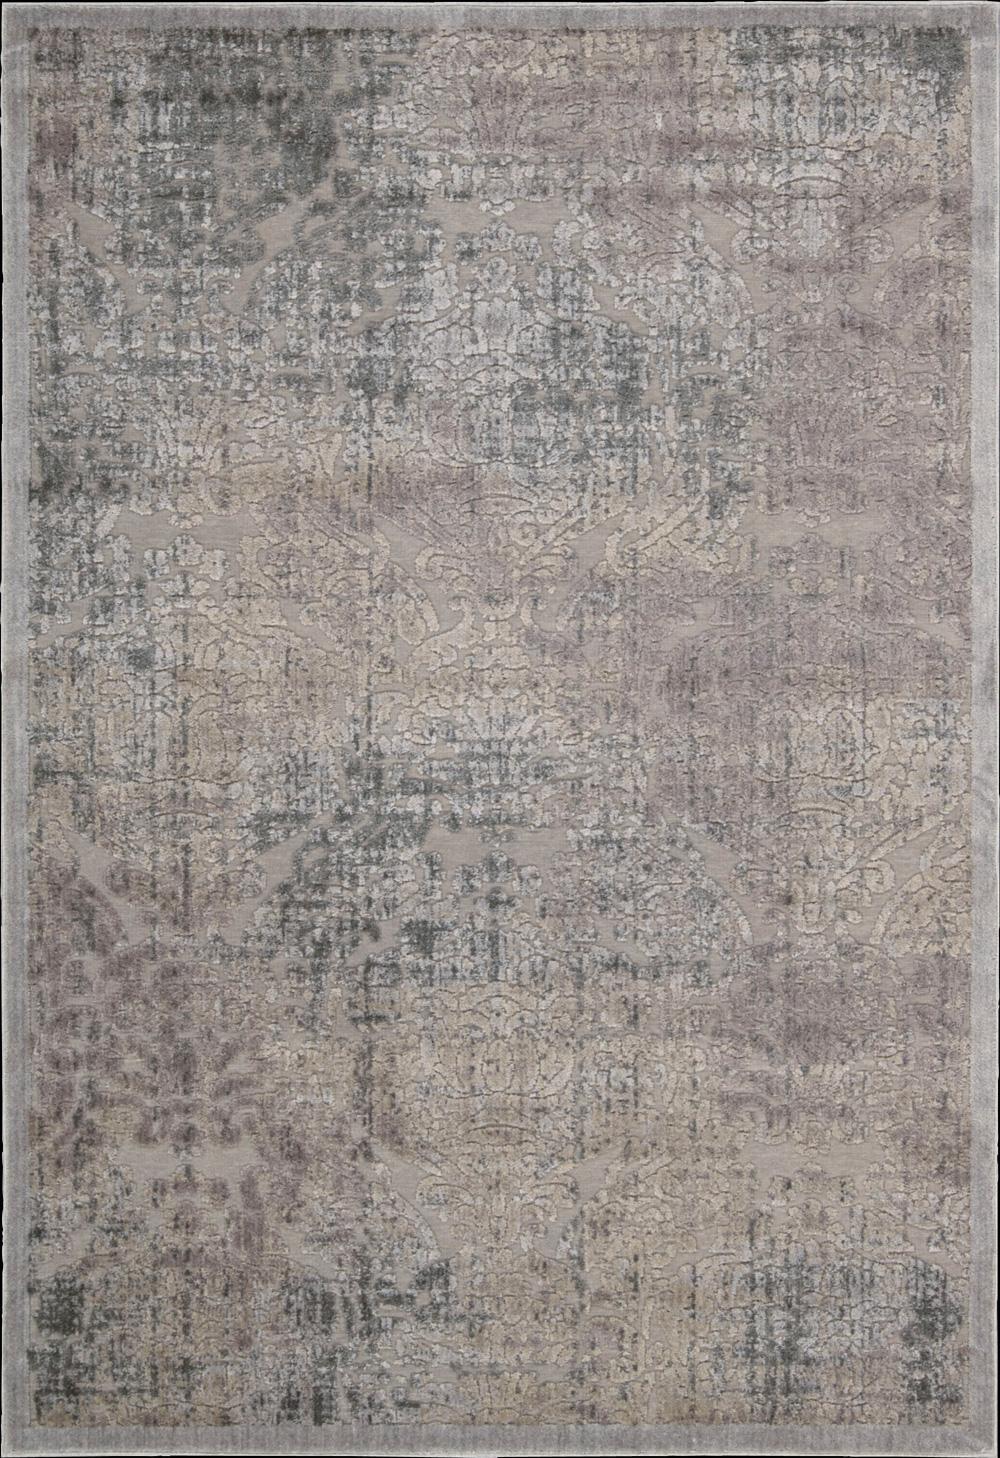 """Nourison Graphic Illusions Area Rug 2'3"""" x 3'9"""" - Item Number: 13155"""